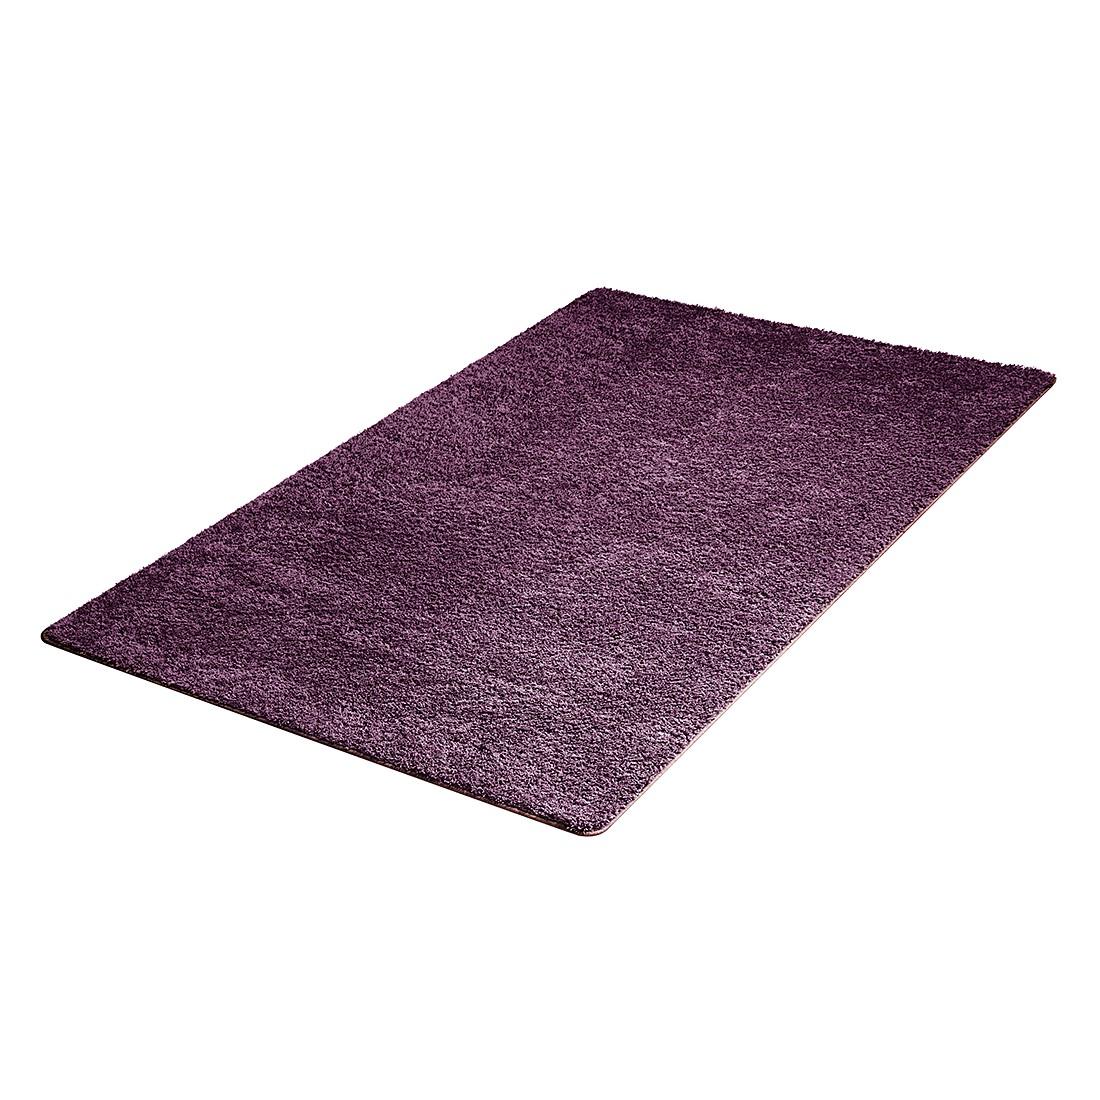 Teppich Noblesse Classic – Flieder – 67 x 133 cm, DEKOWE kaufen